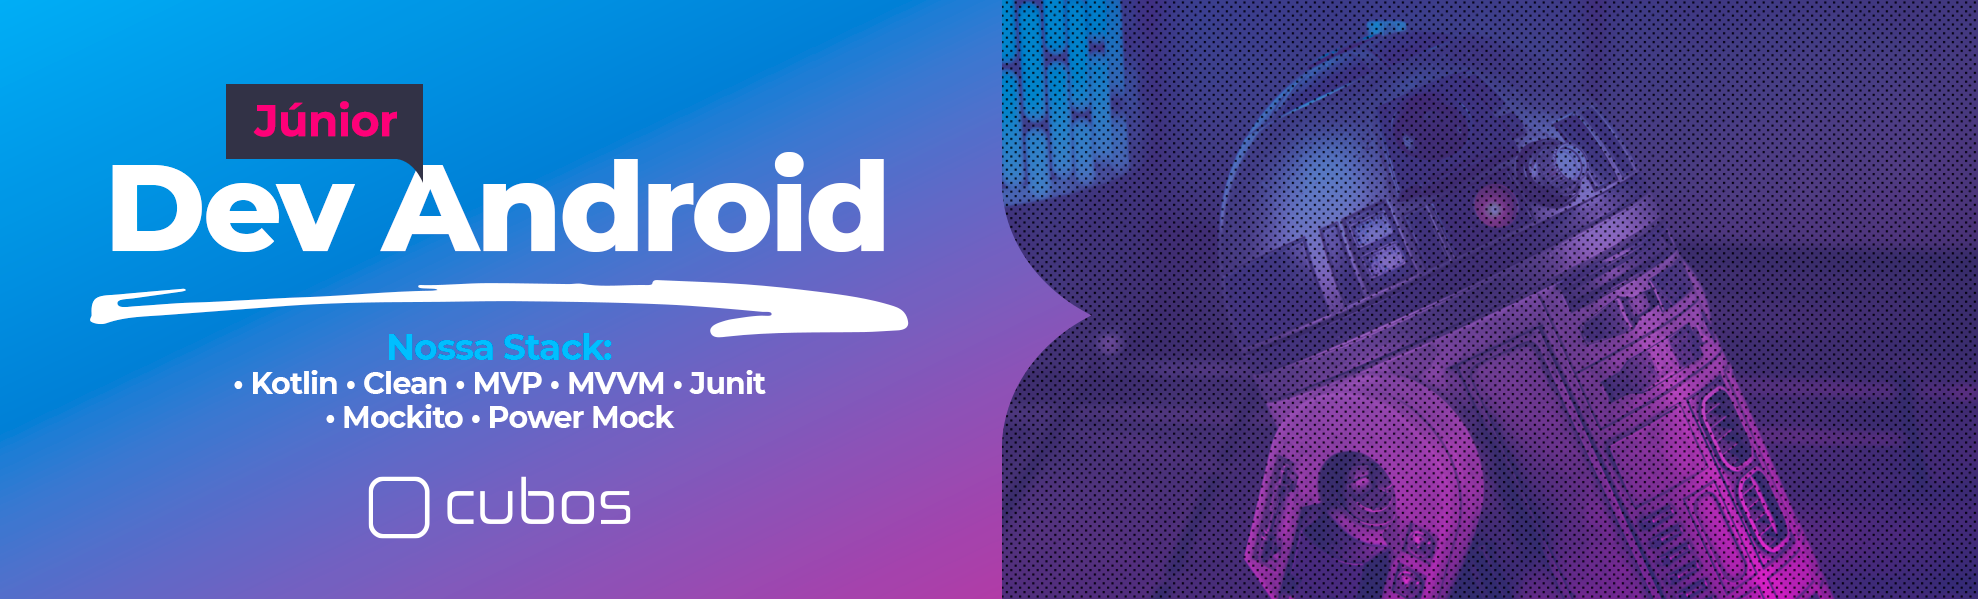 [CUBOS] Pessoa Desenvolvedora Android Júnior - Salvador (Banco de Talentos)